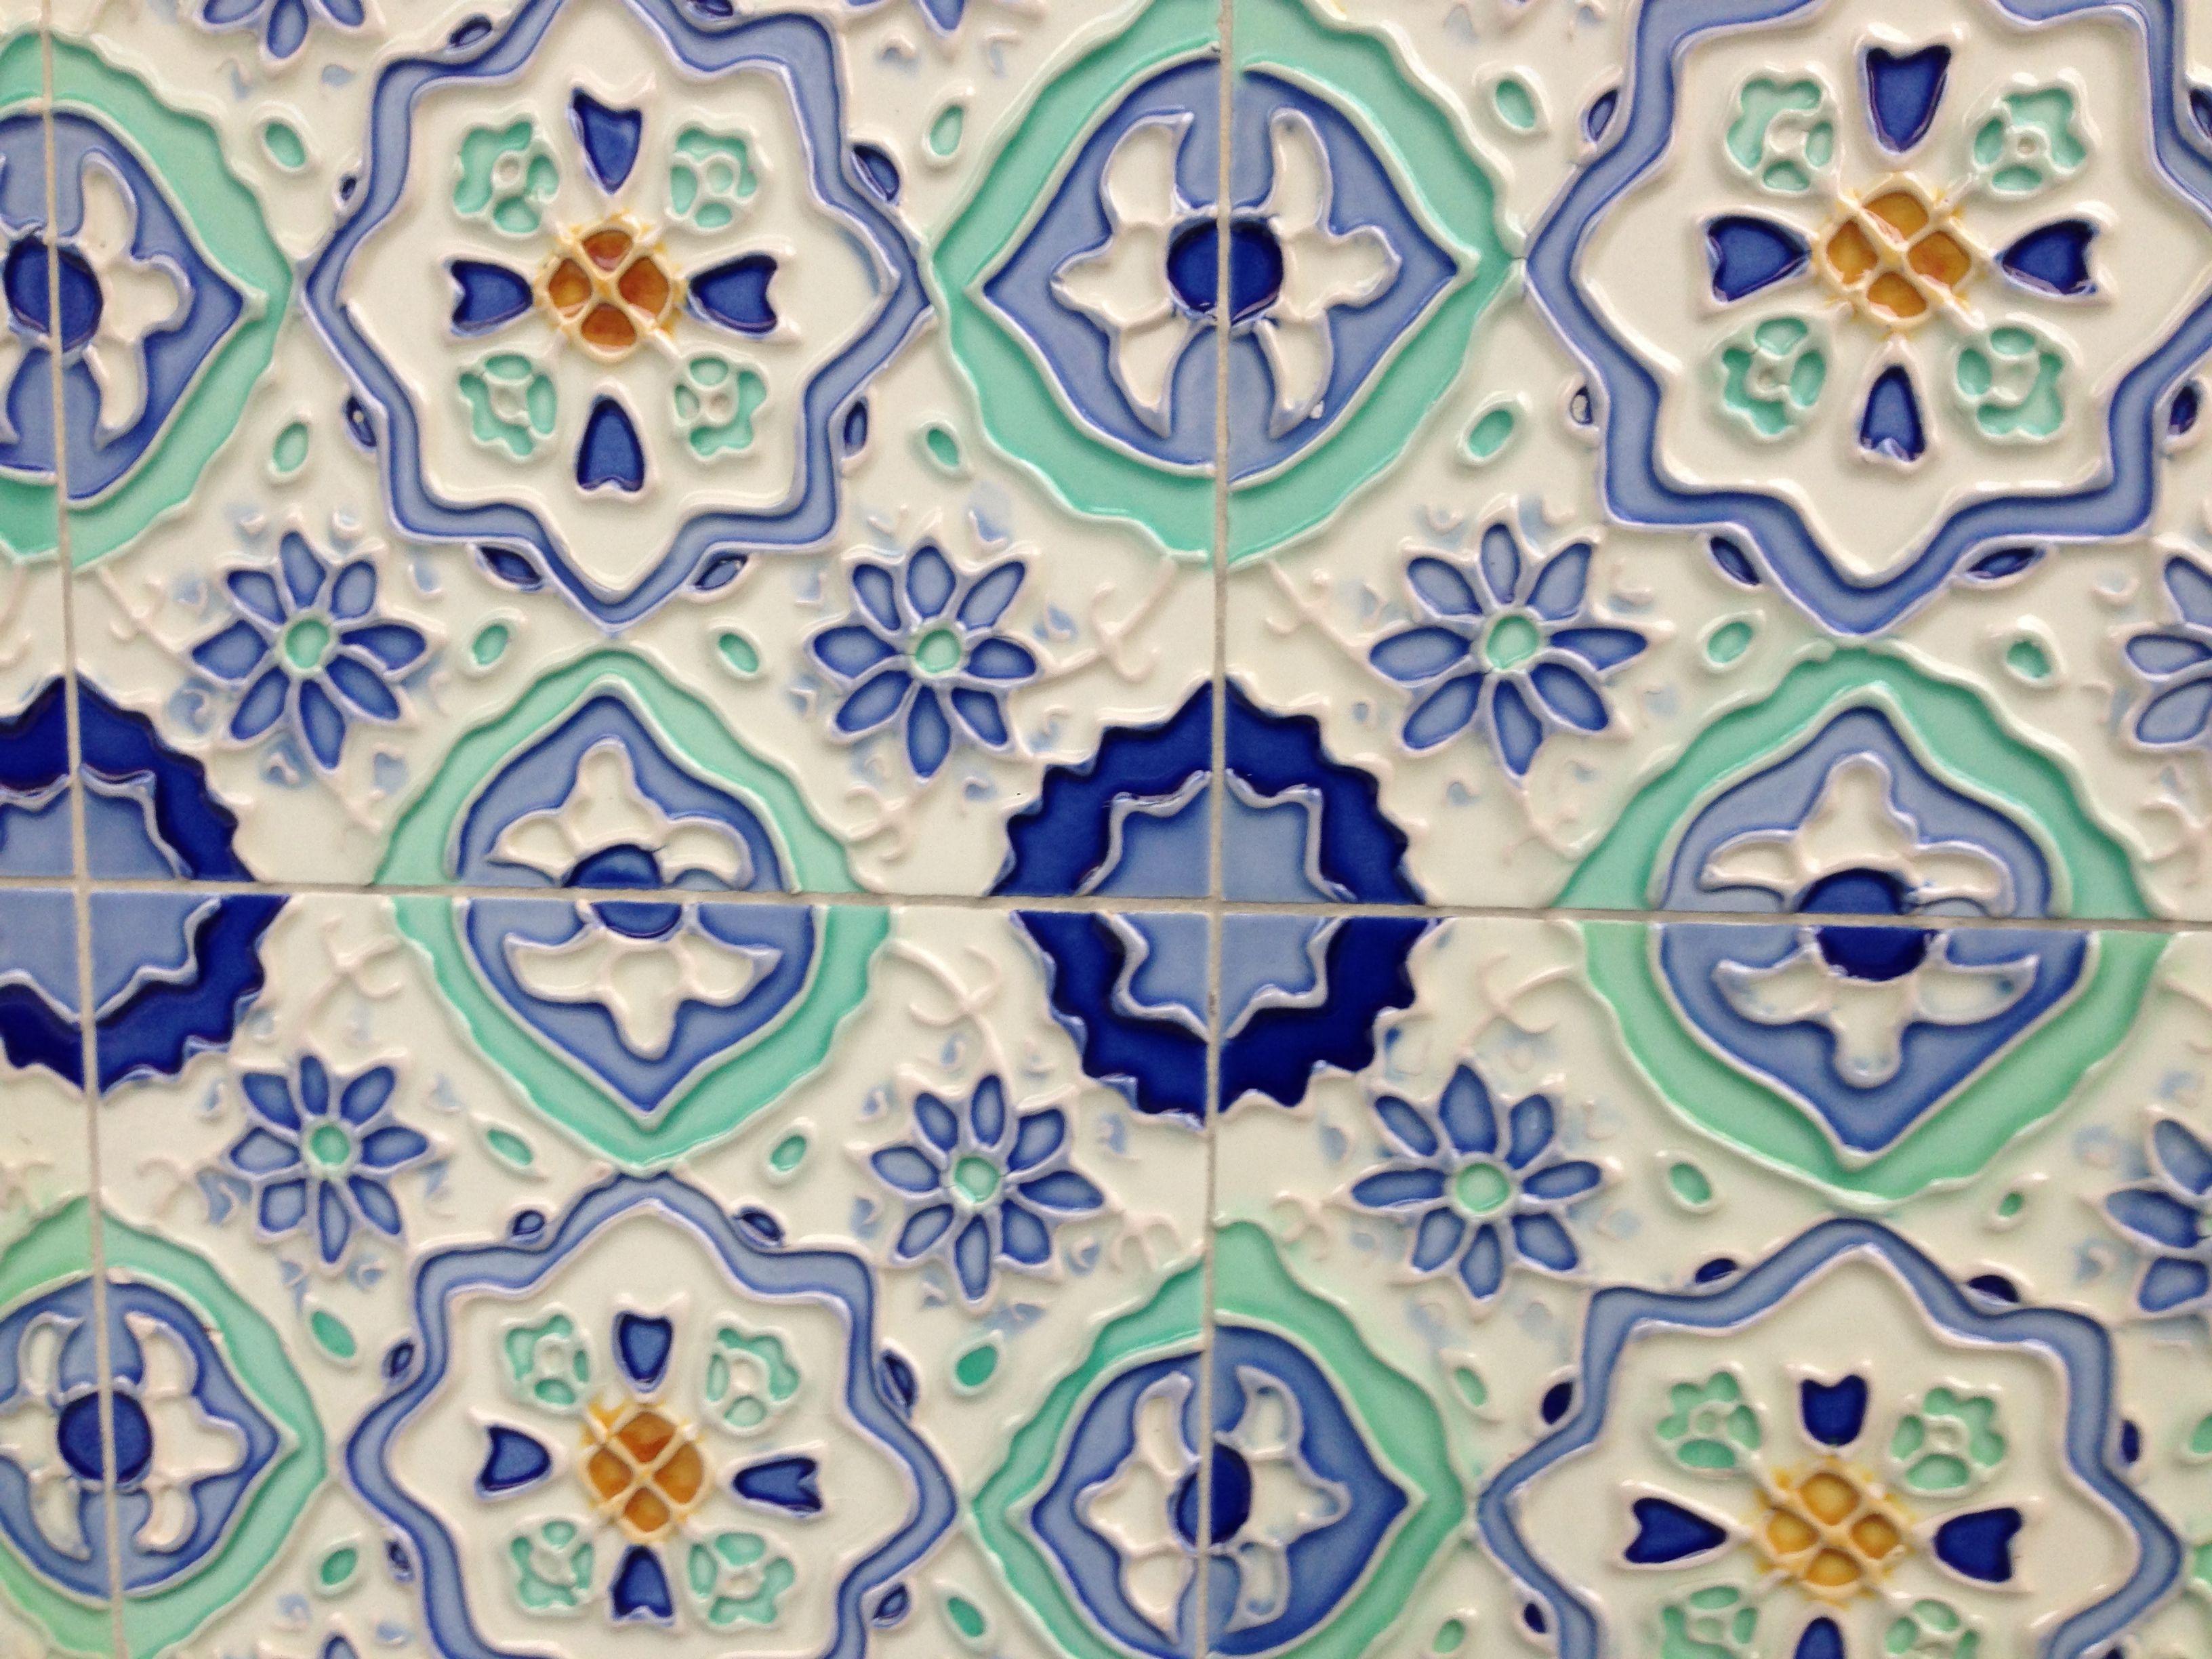 peranakan tile Tile art, Tile patterns, Vintage tile